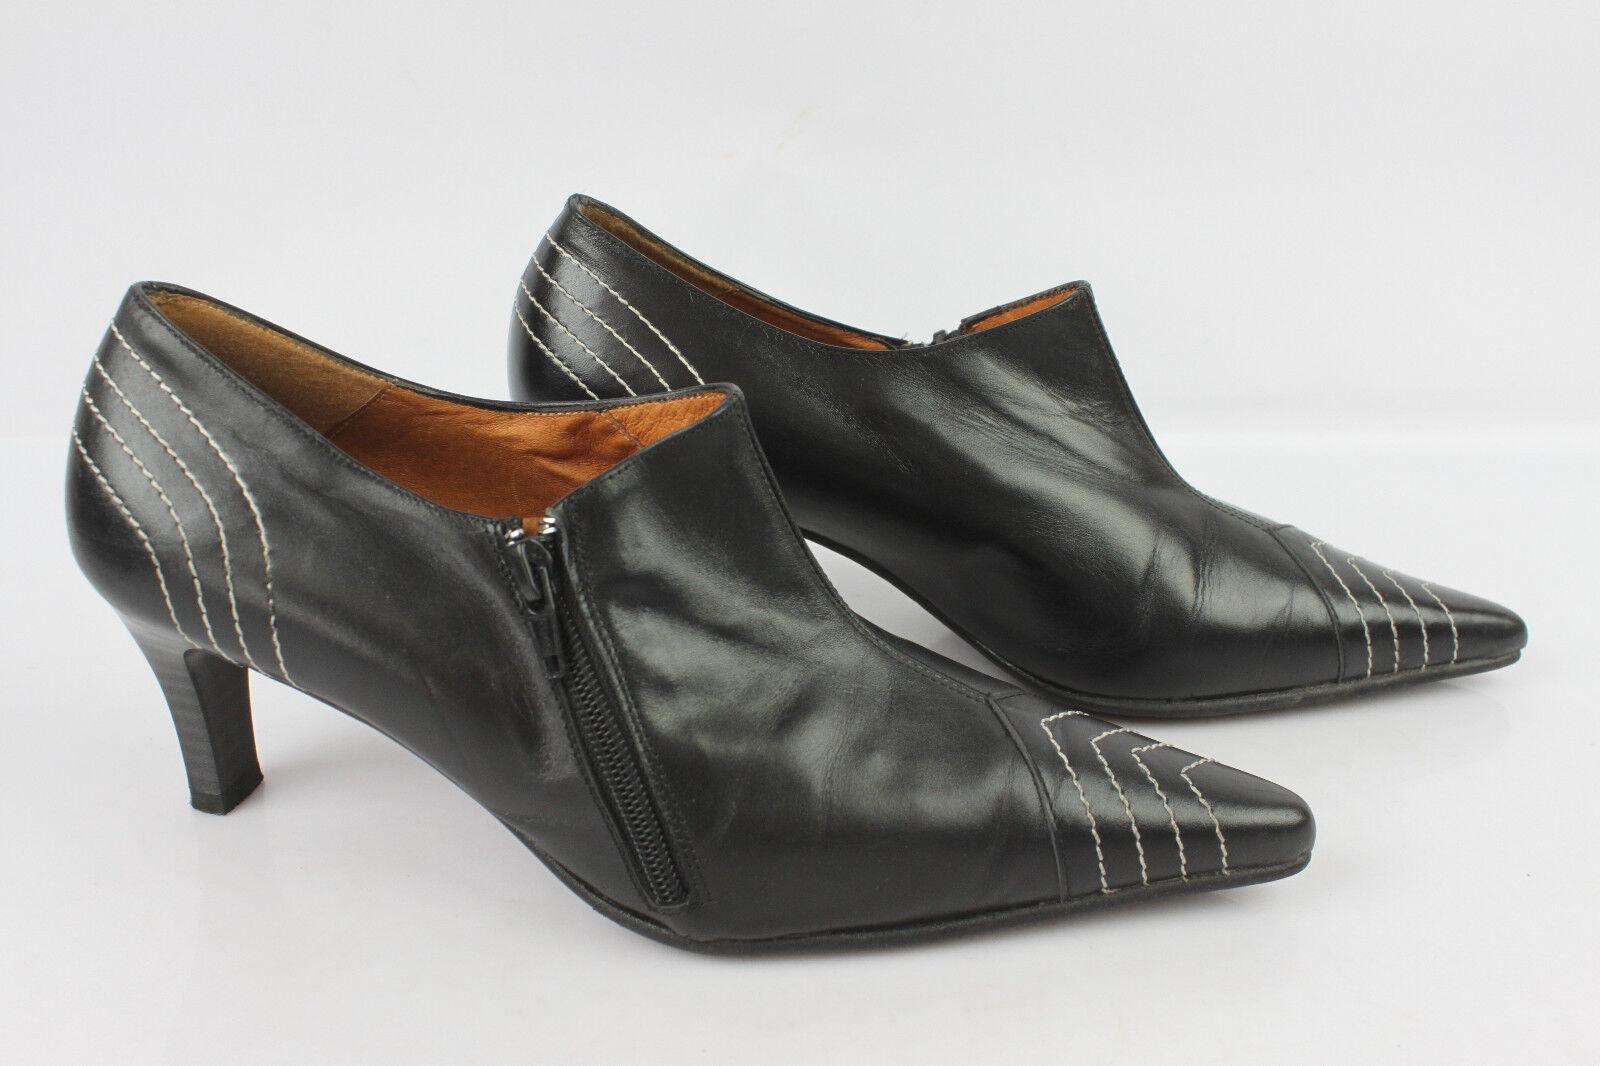 Escarpins Boots MARIA VASQUEZ Cuir Noir T 38 TBE